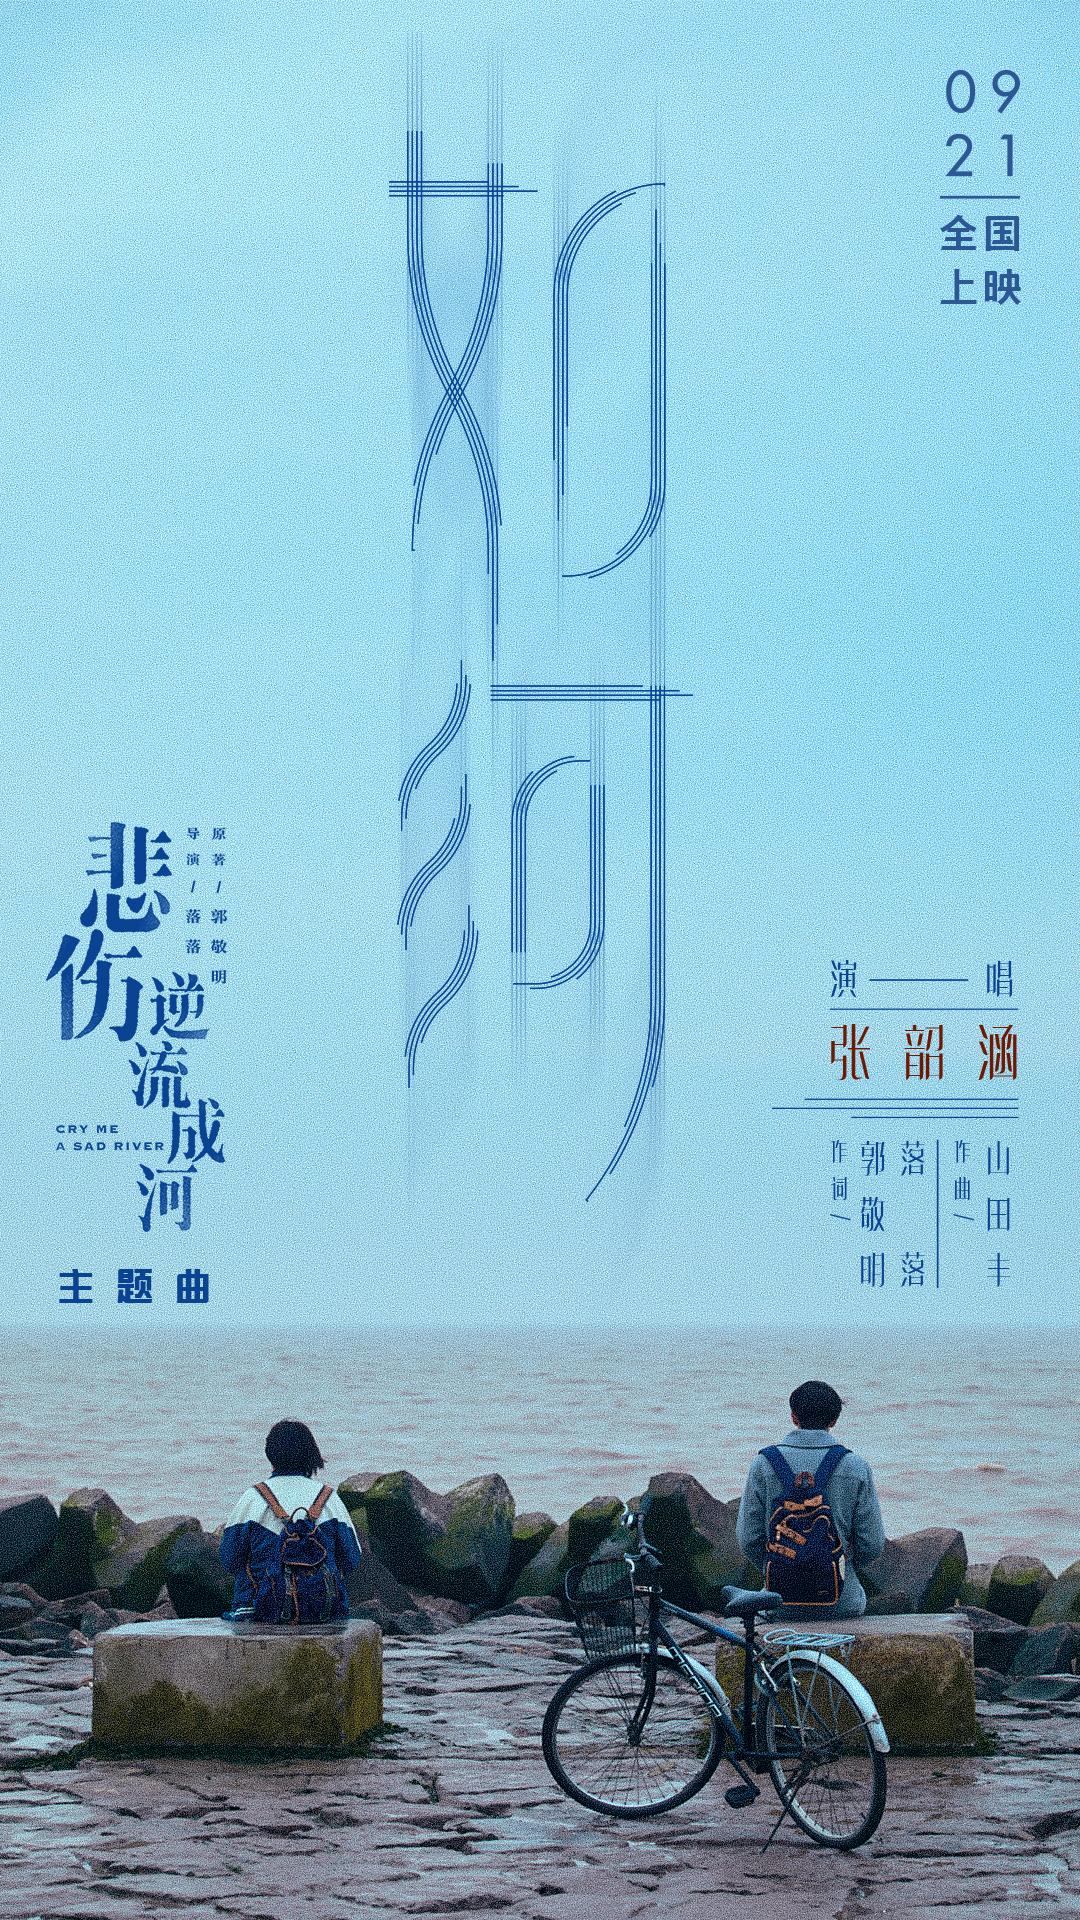 《悲伤逆流成河》今日公映 张韶涵献唱片尾曲《如河